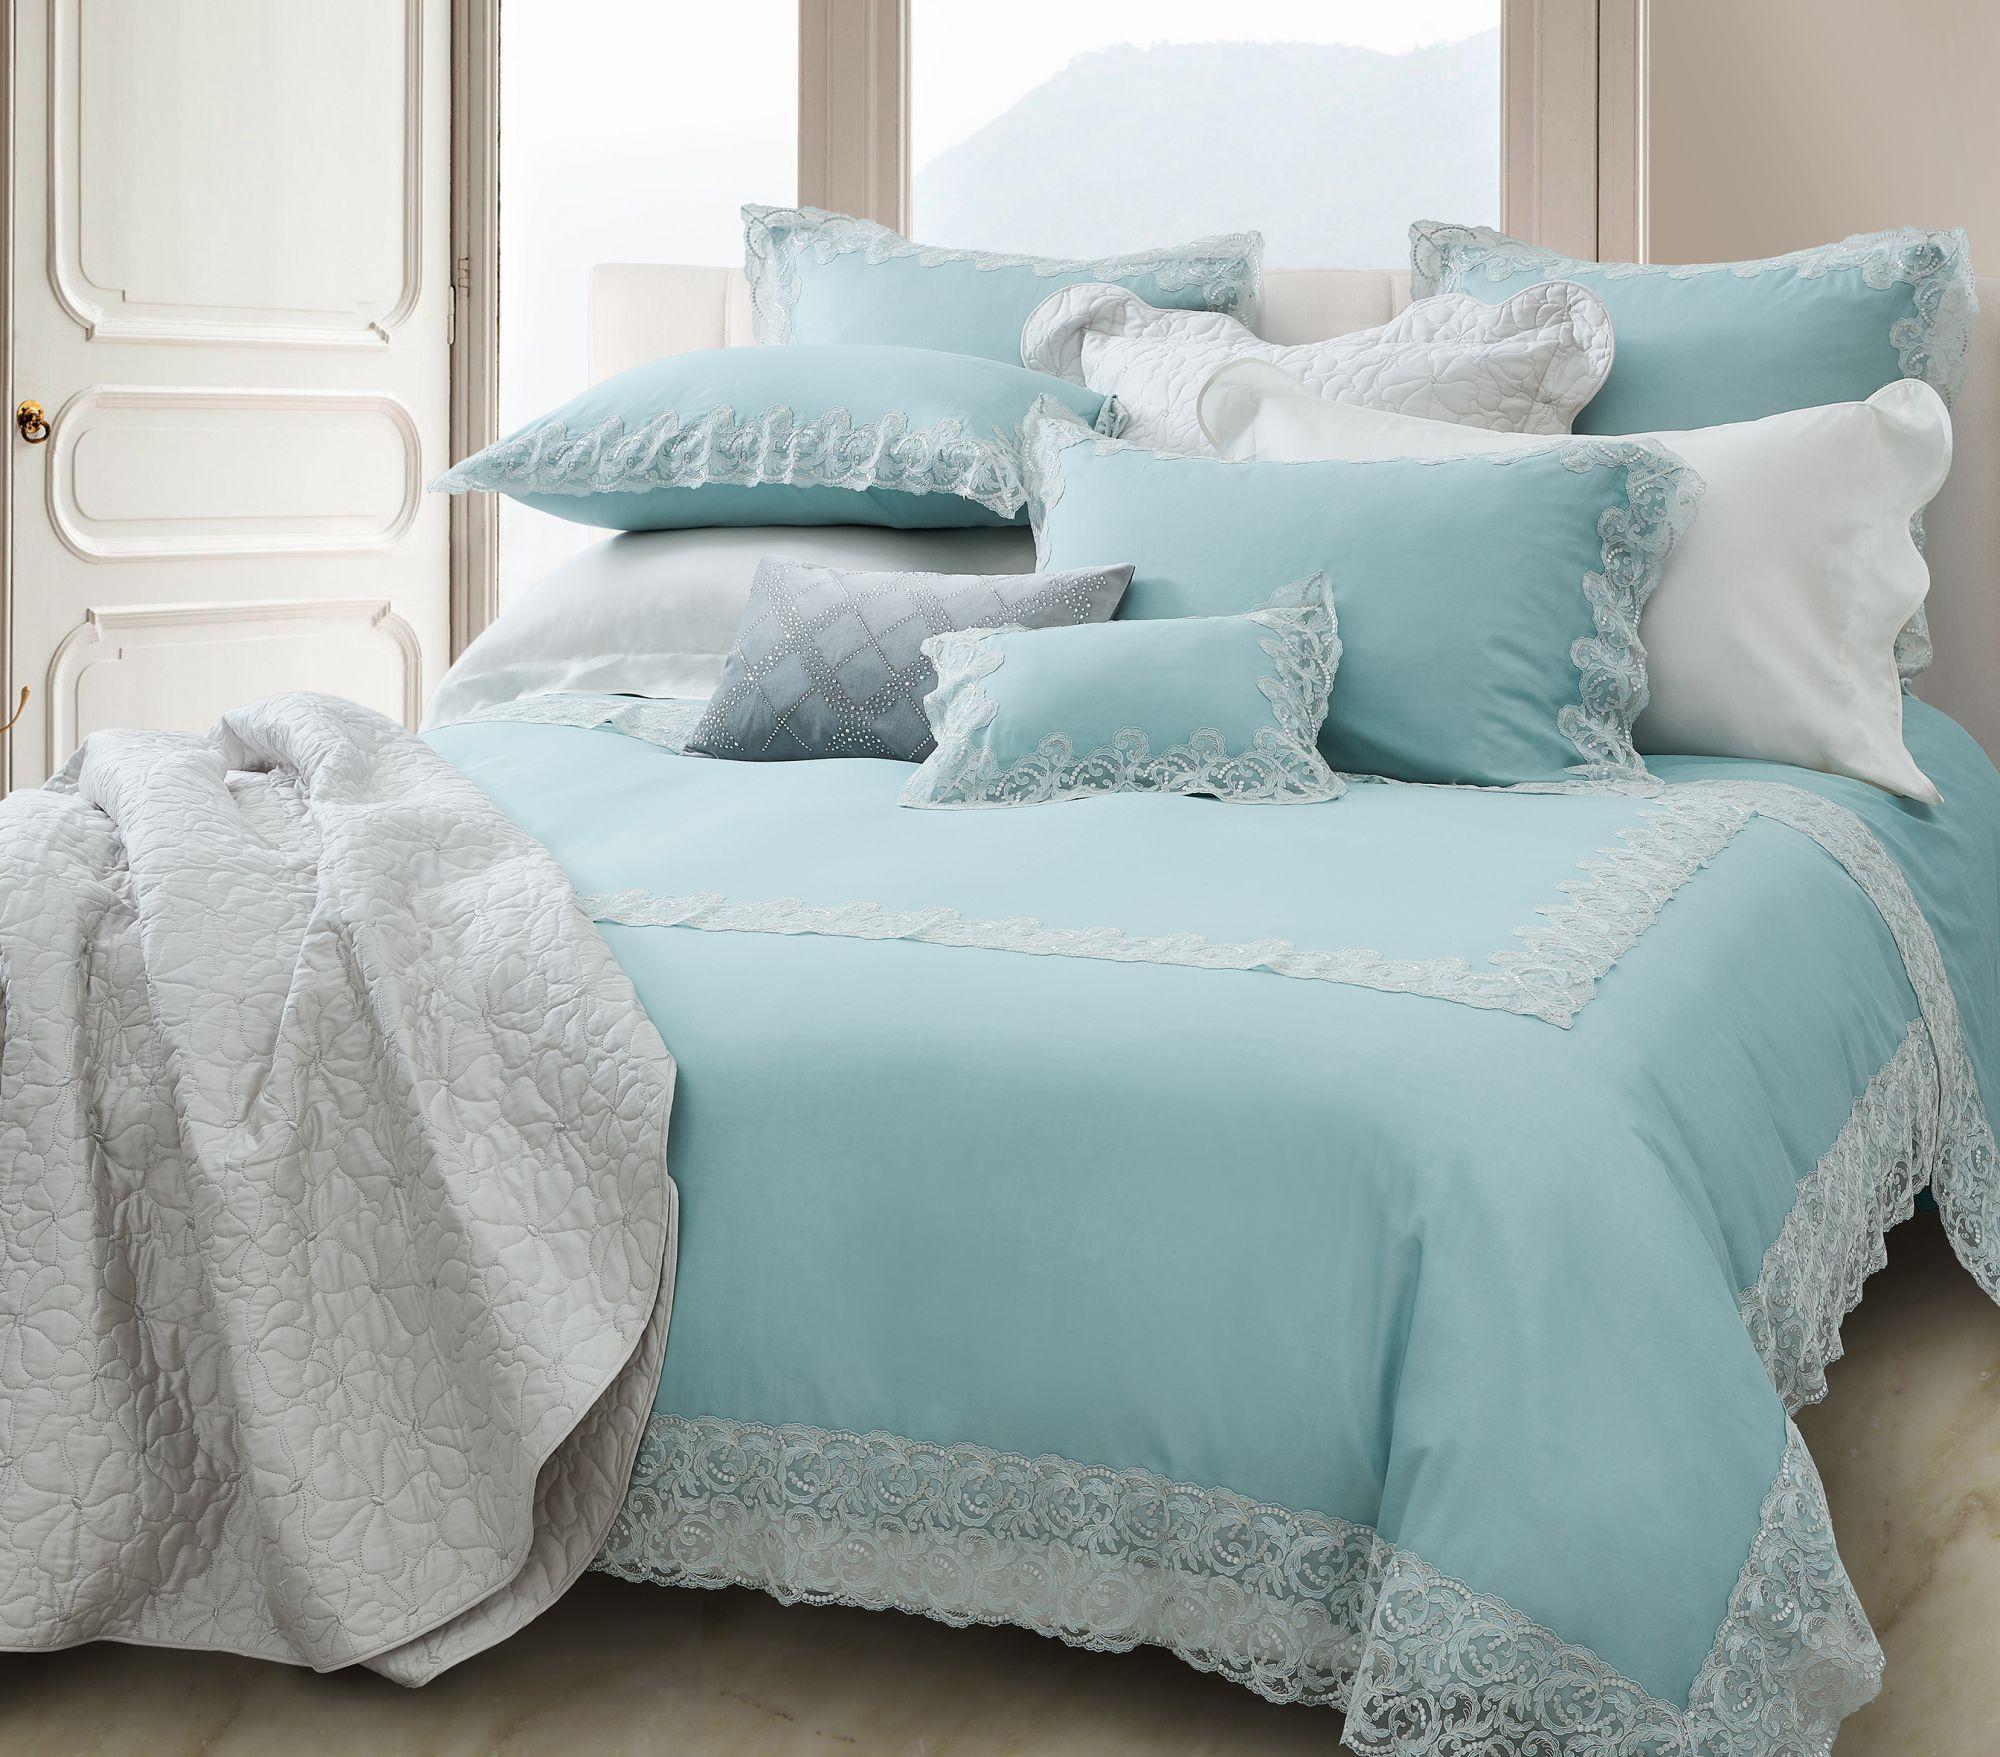 你臥室裡缺少的那件蕾絲寢飾!日本御皇織全台僅10件,埃及GIZA超長纖棉重現博物館典藏國寶